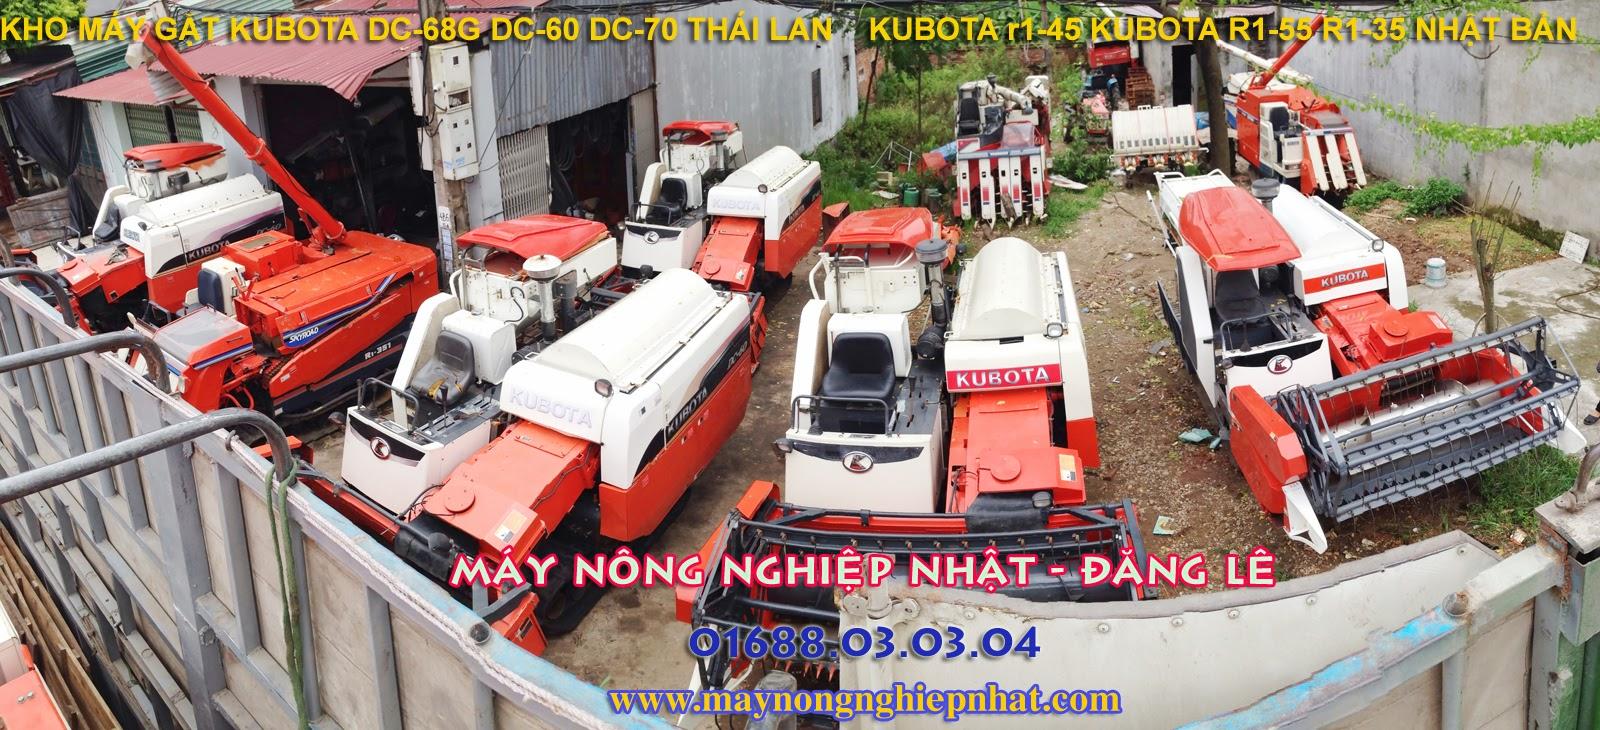 http://2.bp.blogspot.com/-ZZze1RY8f-M/U-C0BOCatjI/AAAAAAAABJI/cGk5YAHbjFc/s1600/Tong-kho-dai-ly-may-gat-dap-lua-lien-hop-lien-hoan-kubota-dc-68-dc68g-kubotadc68g-dc70g-thai-lan-xich-tai-cao-su-may-gat-dc68g-dc70g-dc60-xem-gia-mua-ban-bao-gia-phu-tung-xuat-giao-may-gat-nhat-bai-da-qua-su-dung-2.jpg